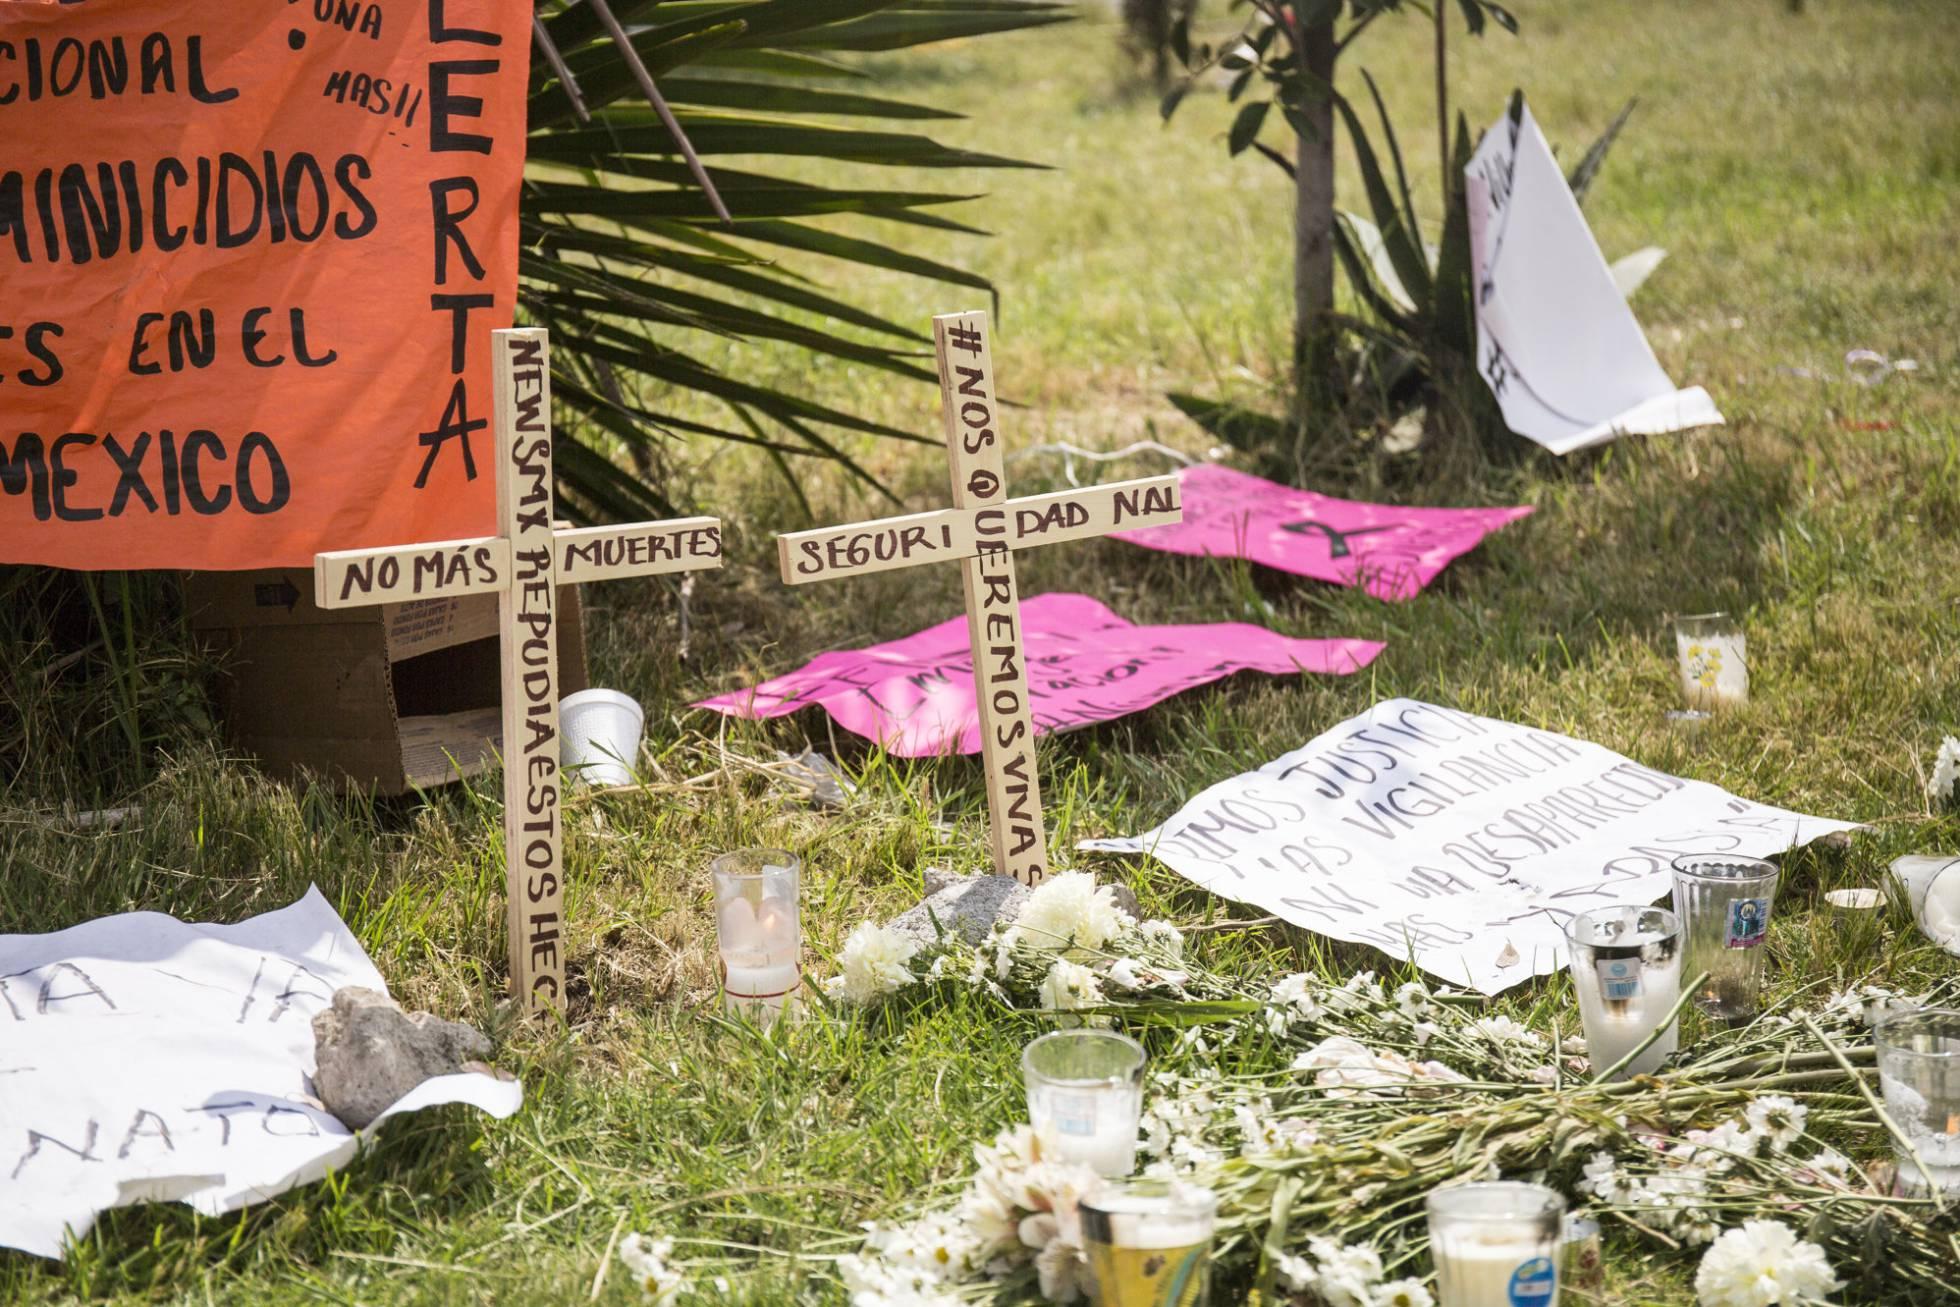 La Fiscalía mexicana identifica a ocho víctimas del 'Monstruo de Ecatepec'